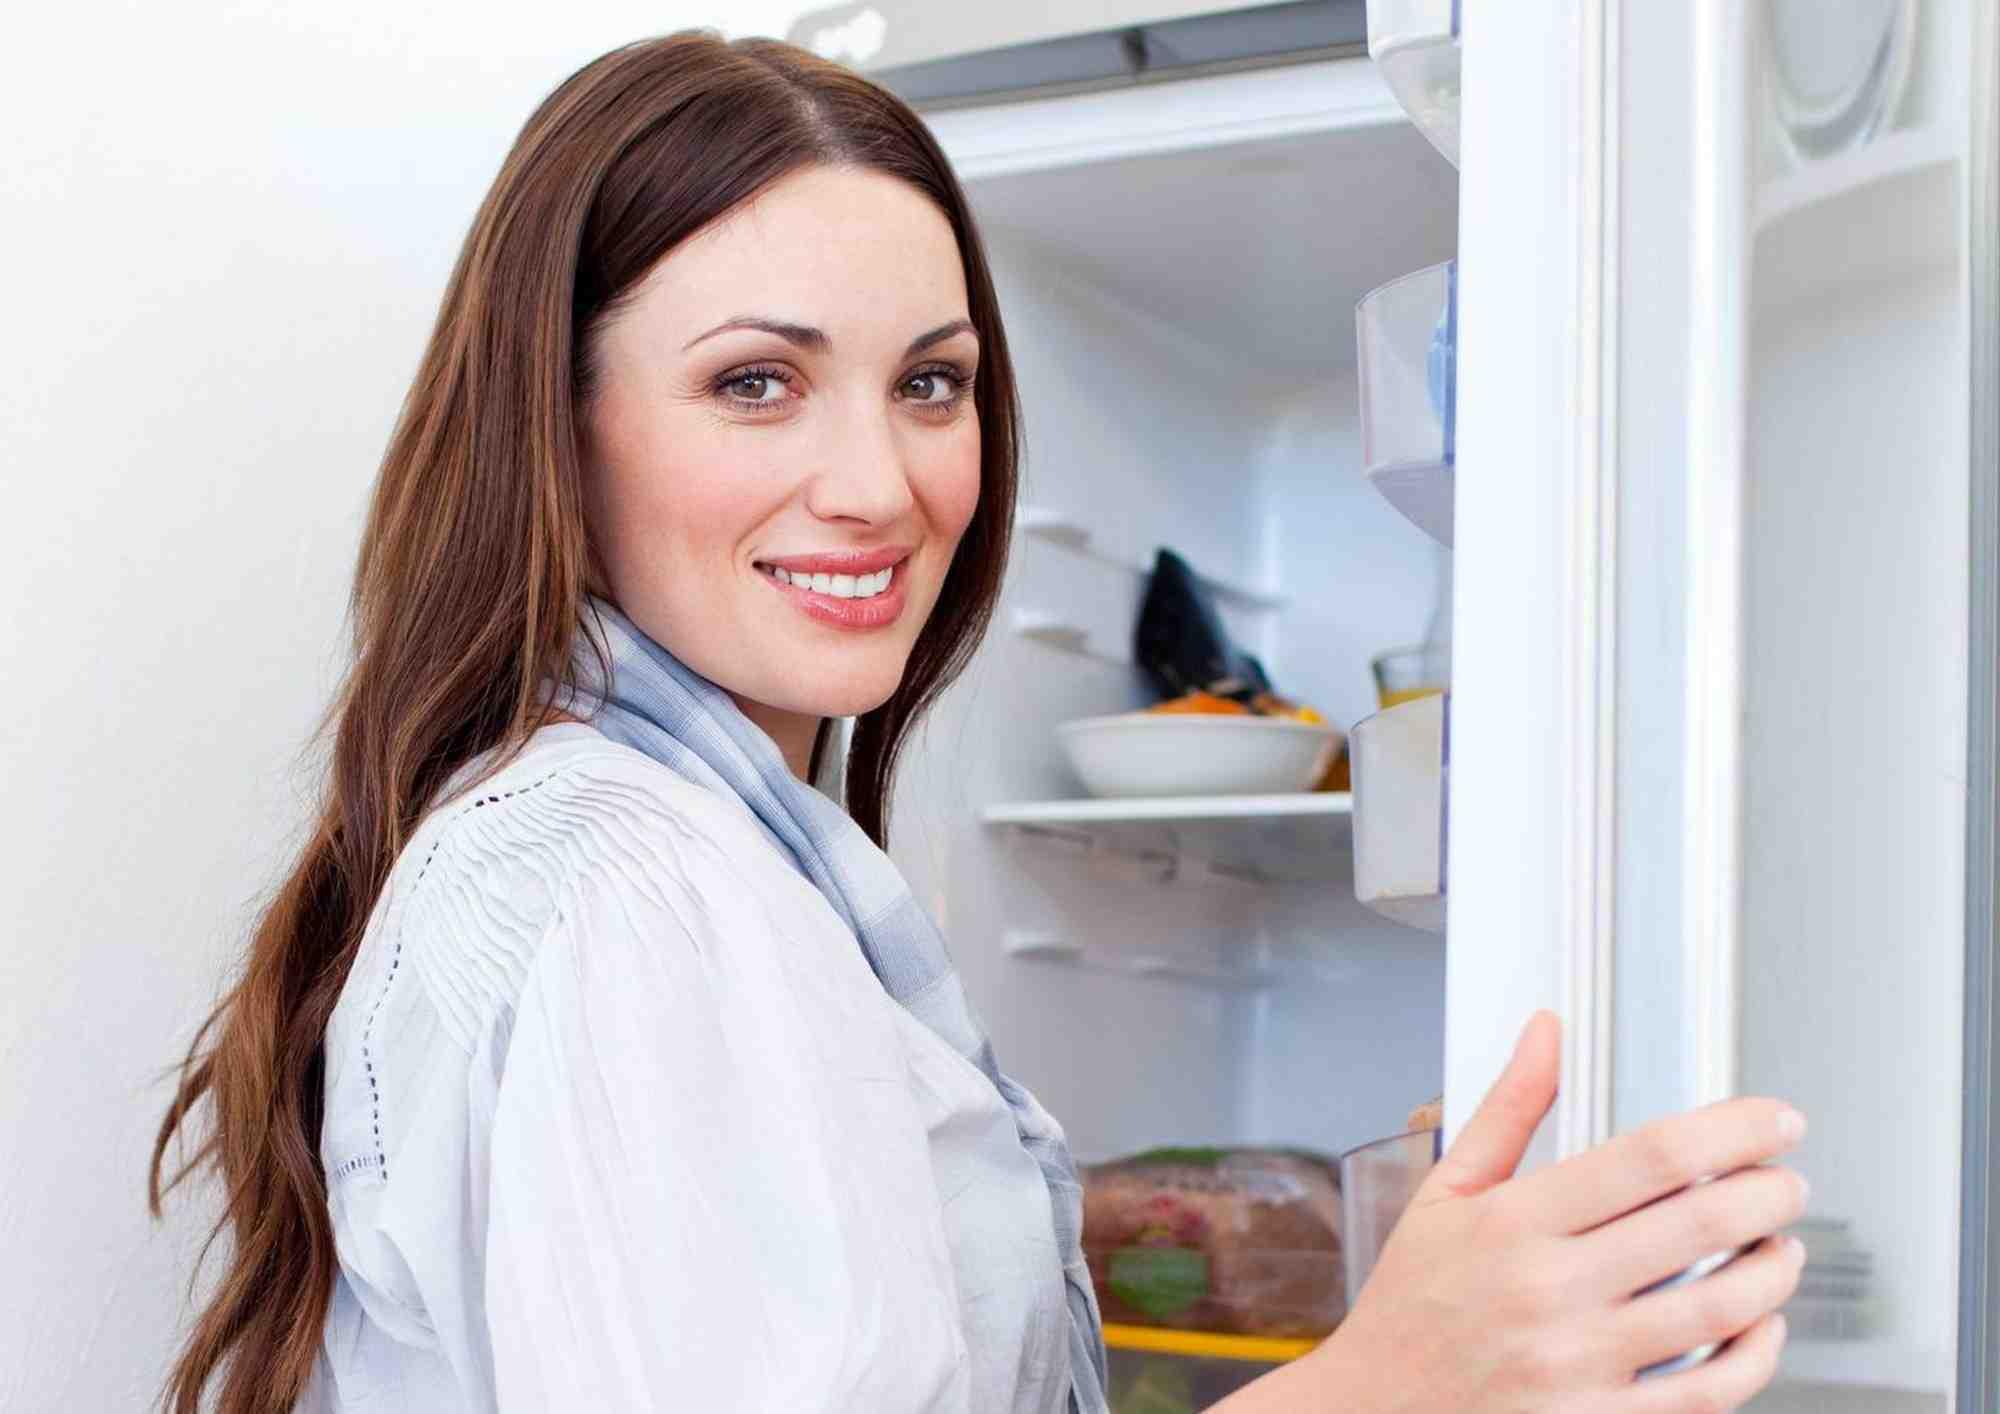 Comment savoir si le thermostat de mon frigo est mort ?